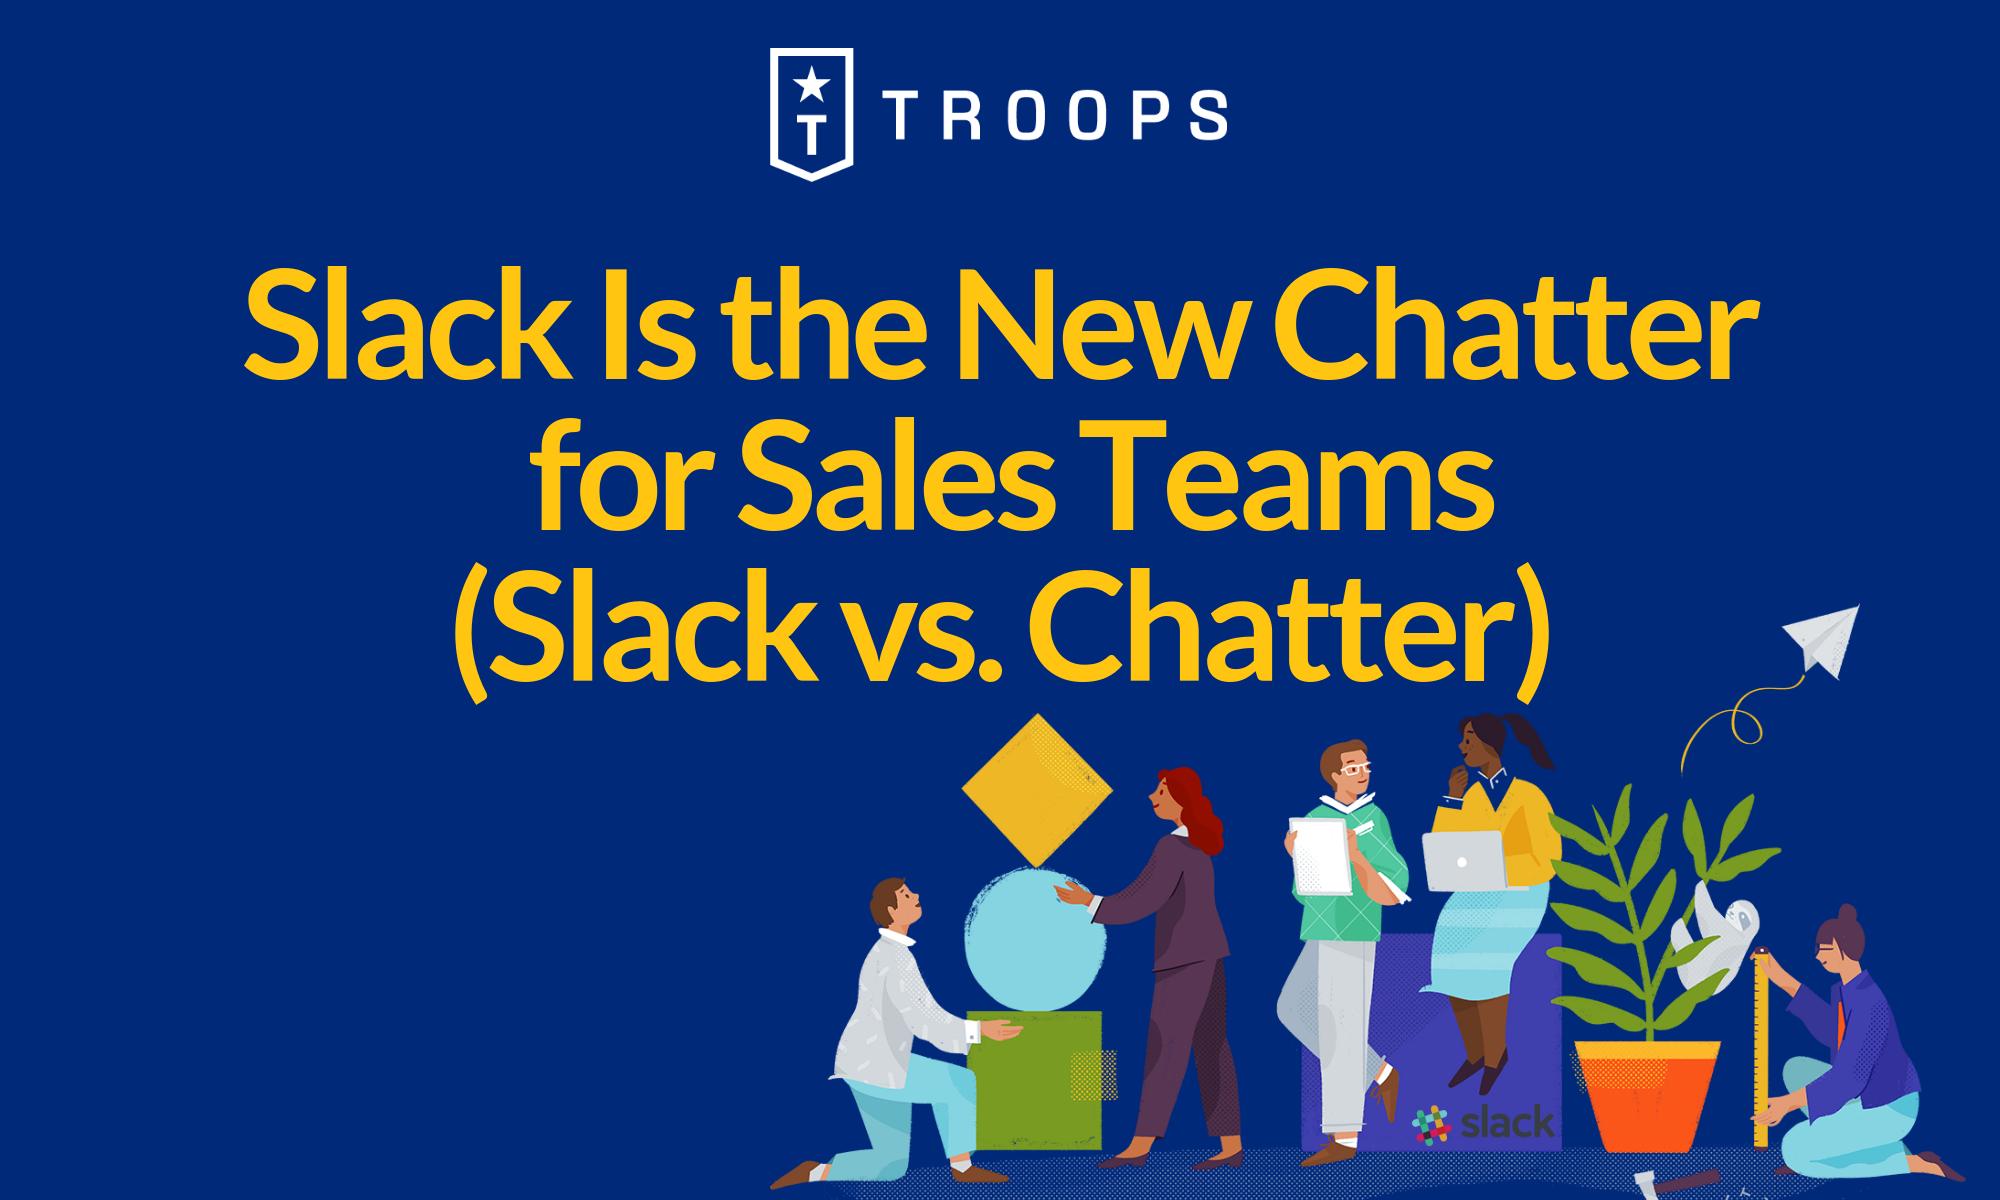 Slack Is the New Chatter for Sales Teams (Slack vs. Chatter)